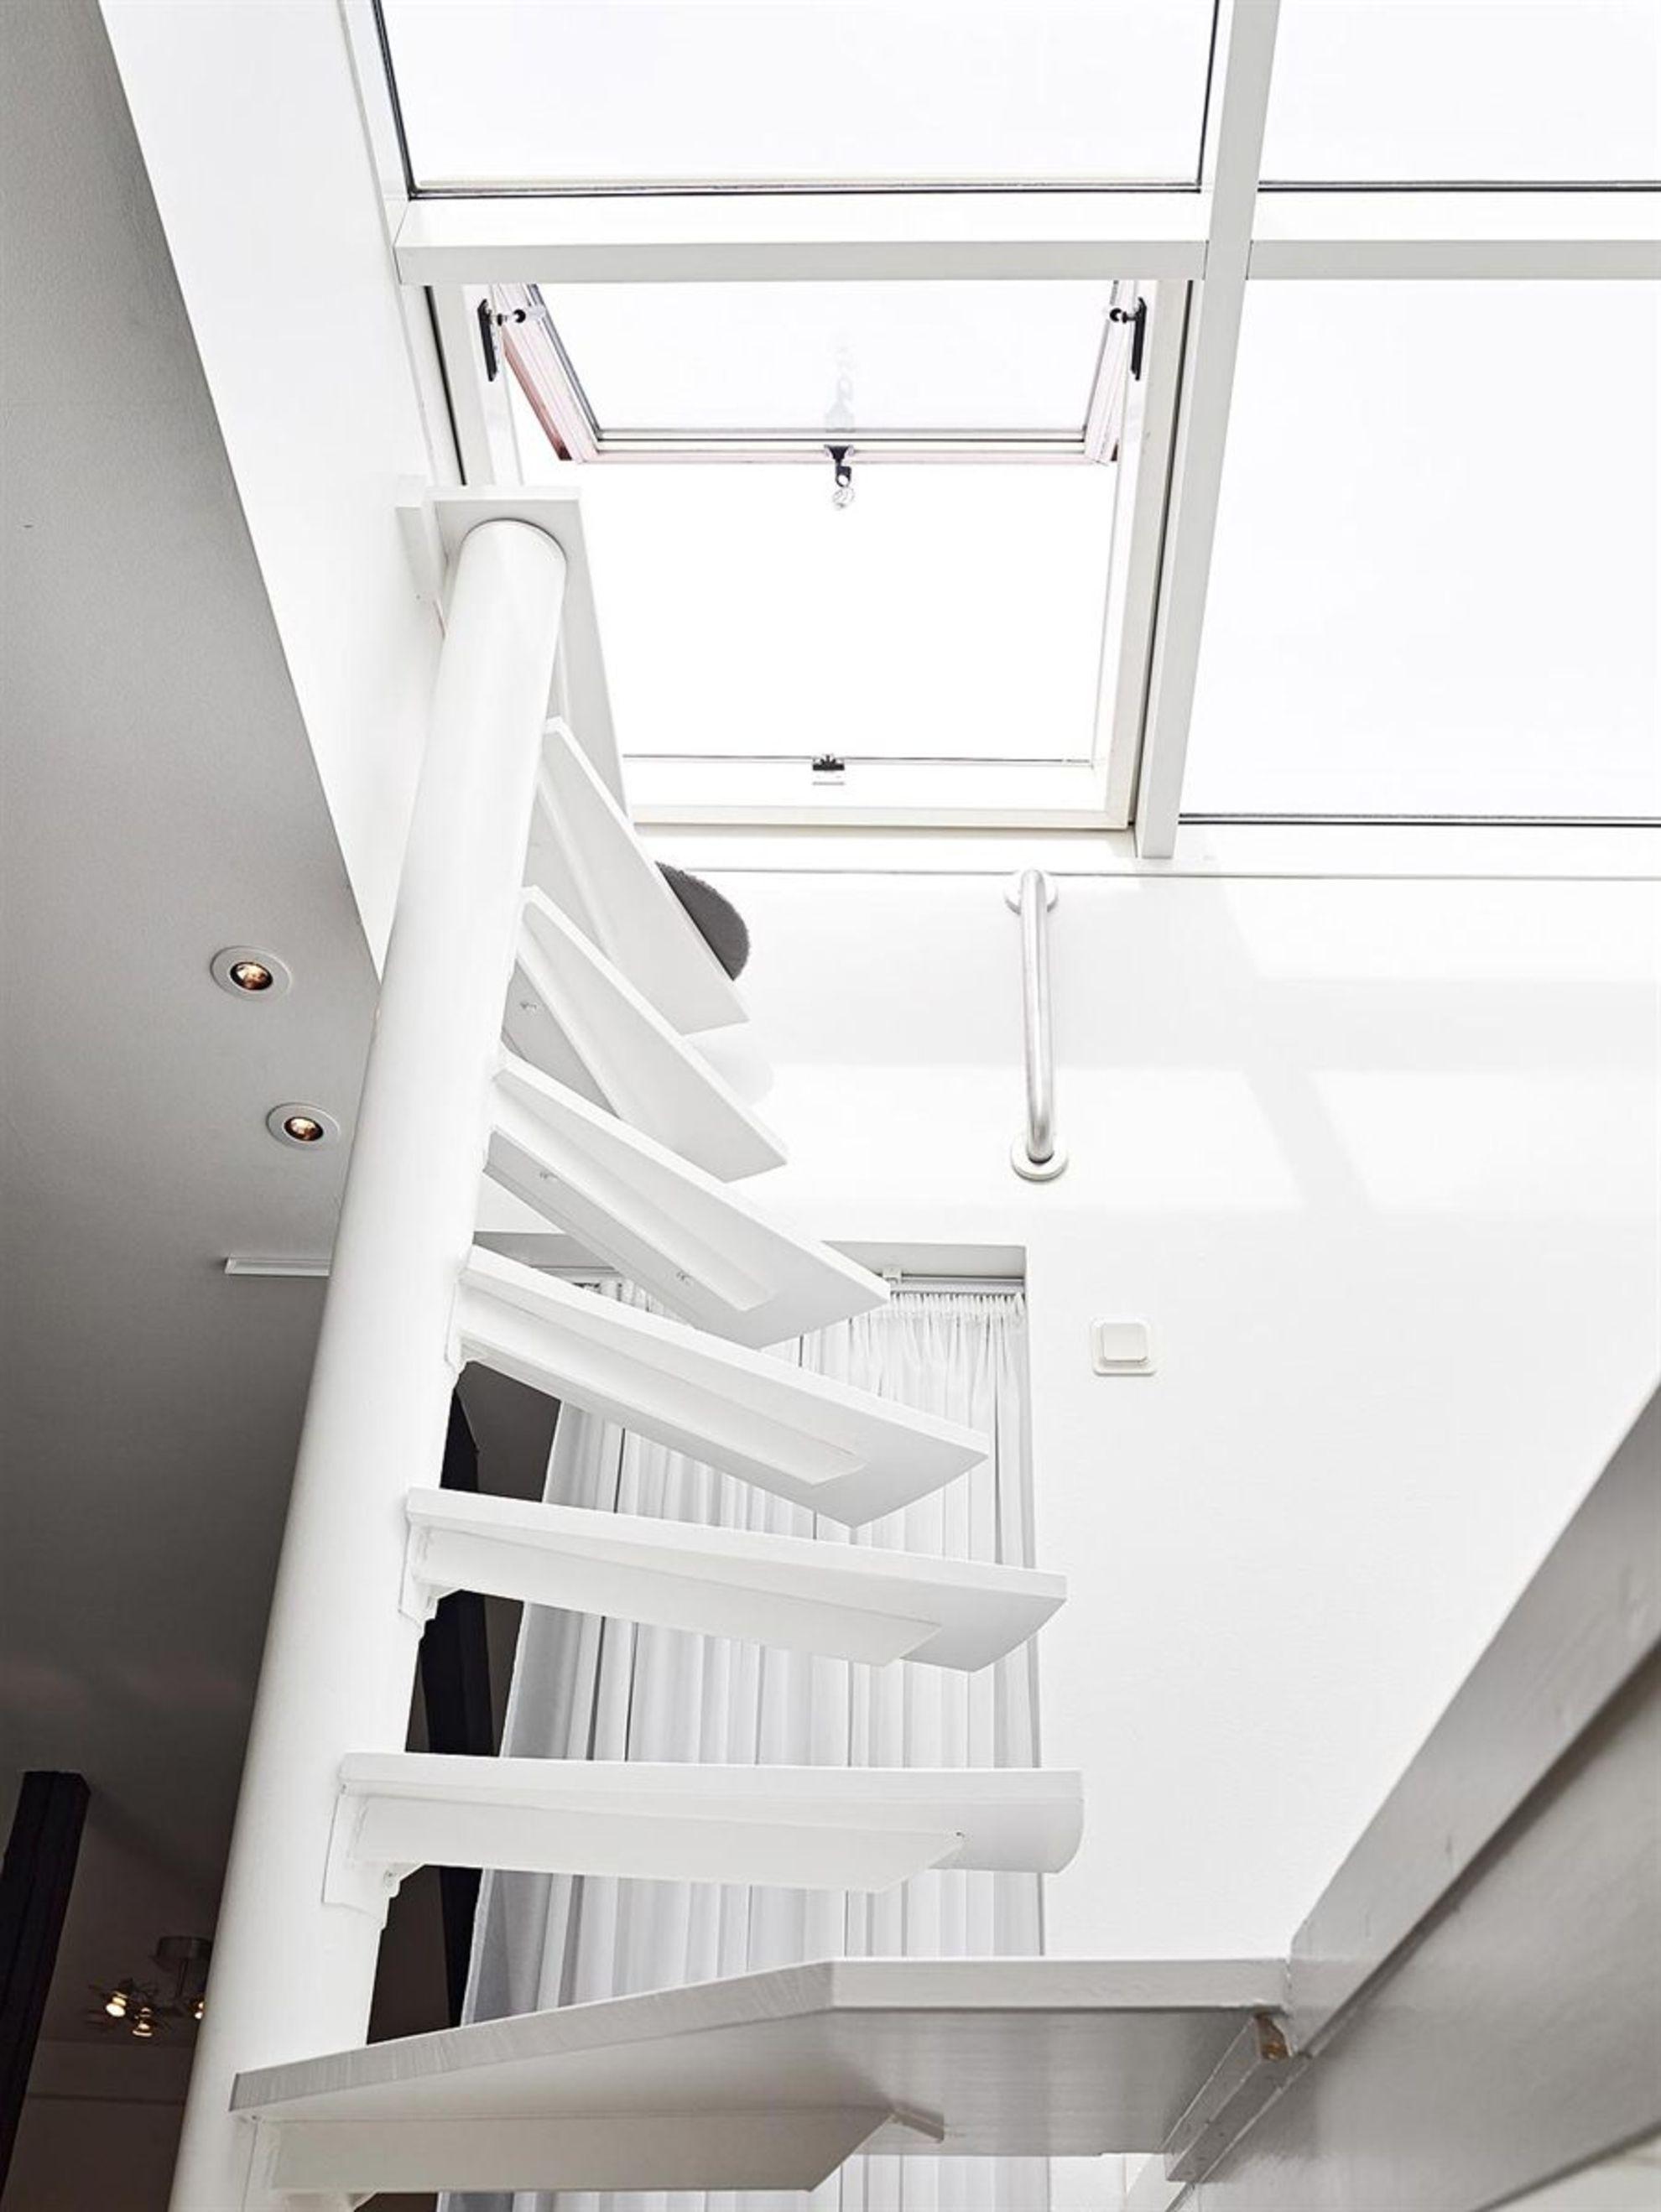 Interieur inspiratie Voor meer interieur en inrichten kijk ook eens op http://www.wonenonline.nl/interieur-inrichten/